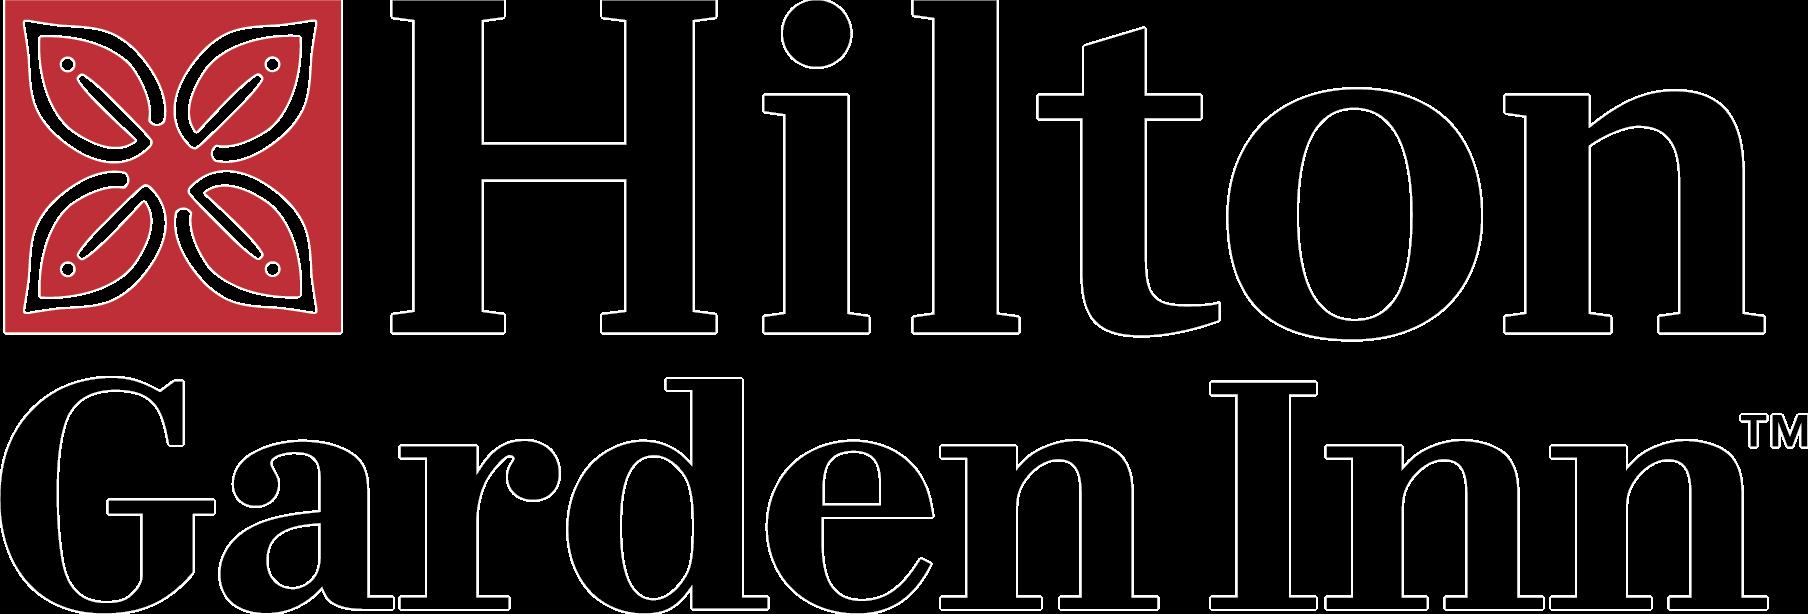 Hilton Garden Inn.2019 LOGO